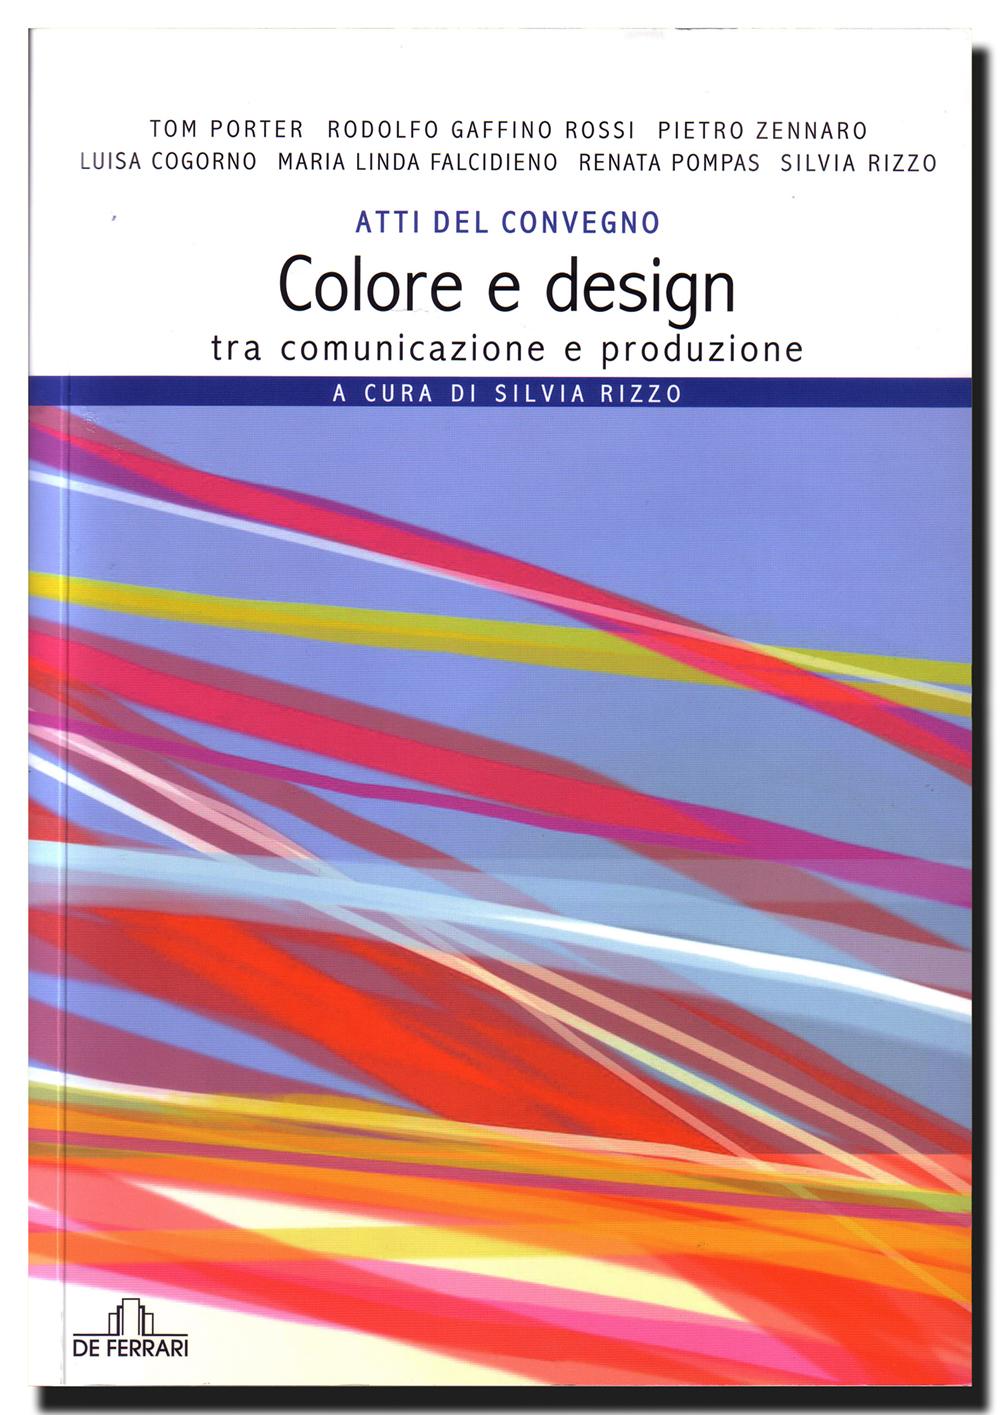 002-Colore e Design_ricampionata